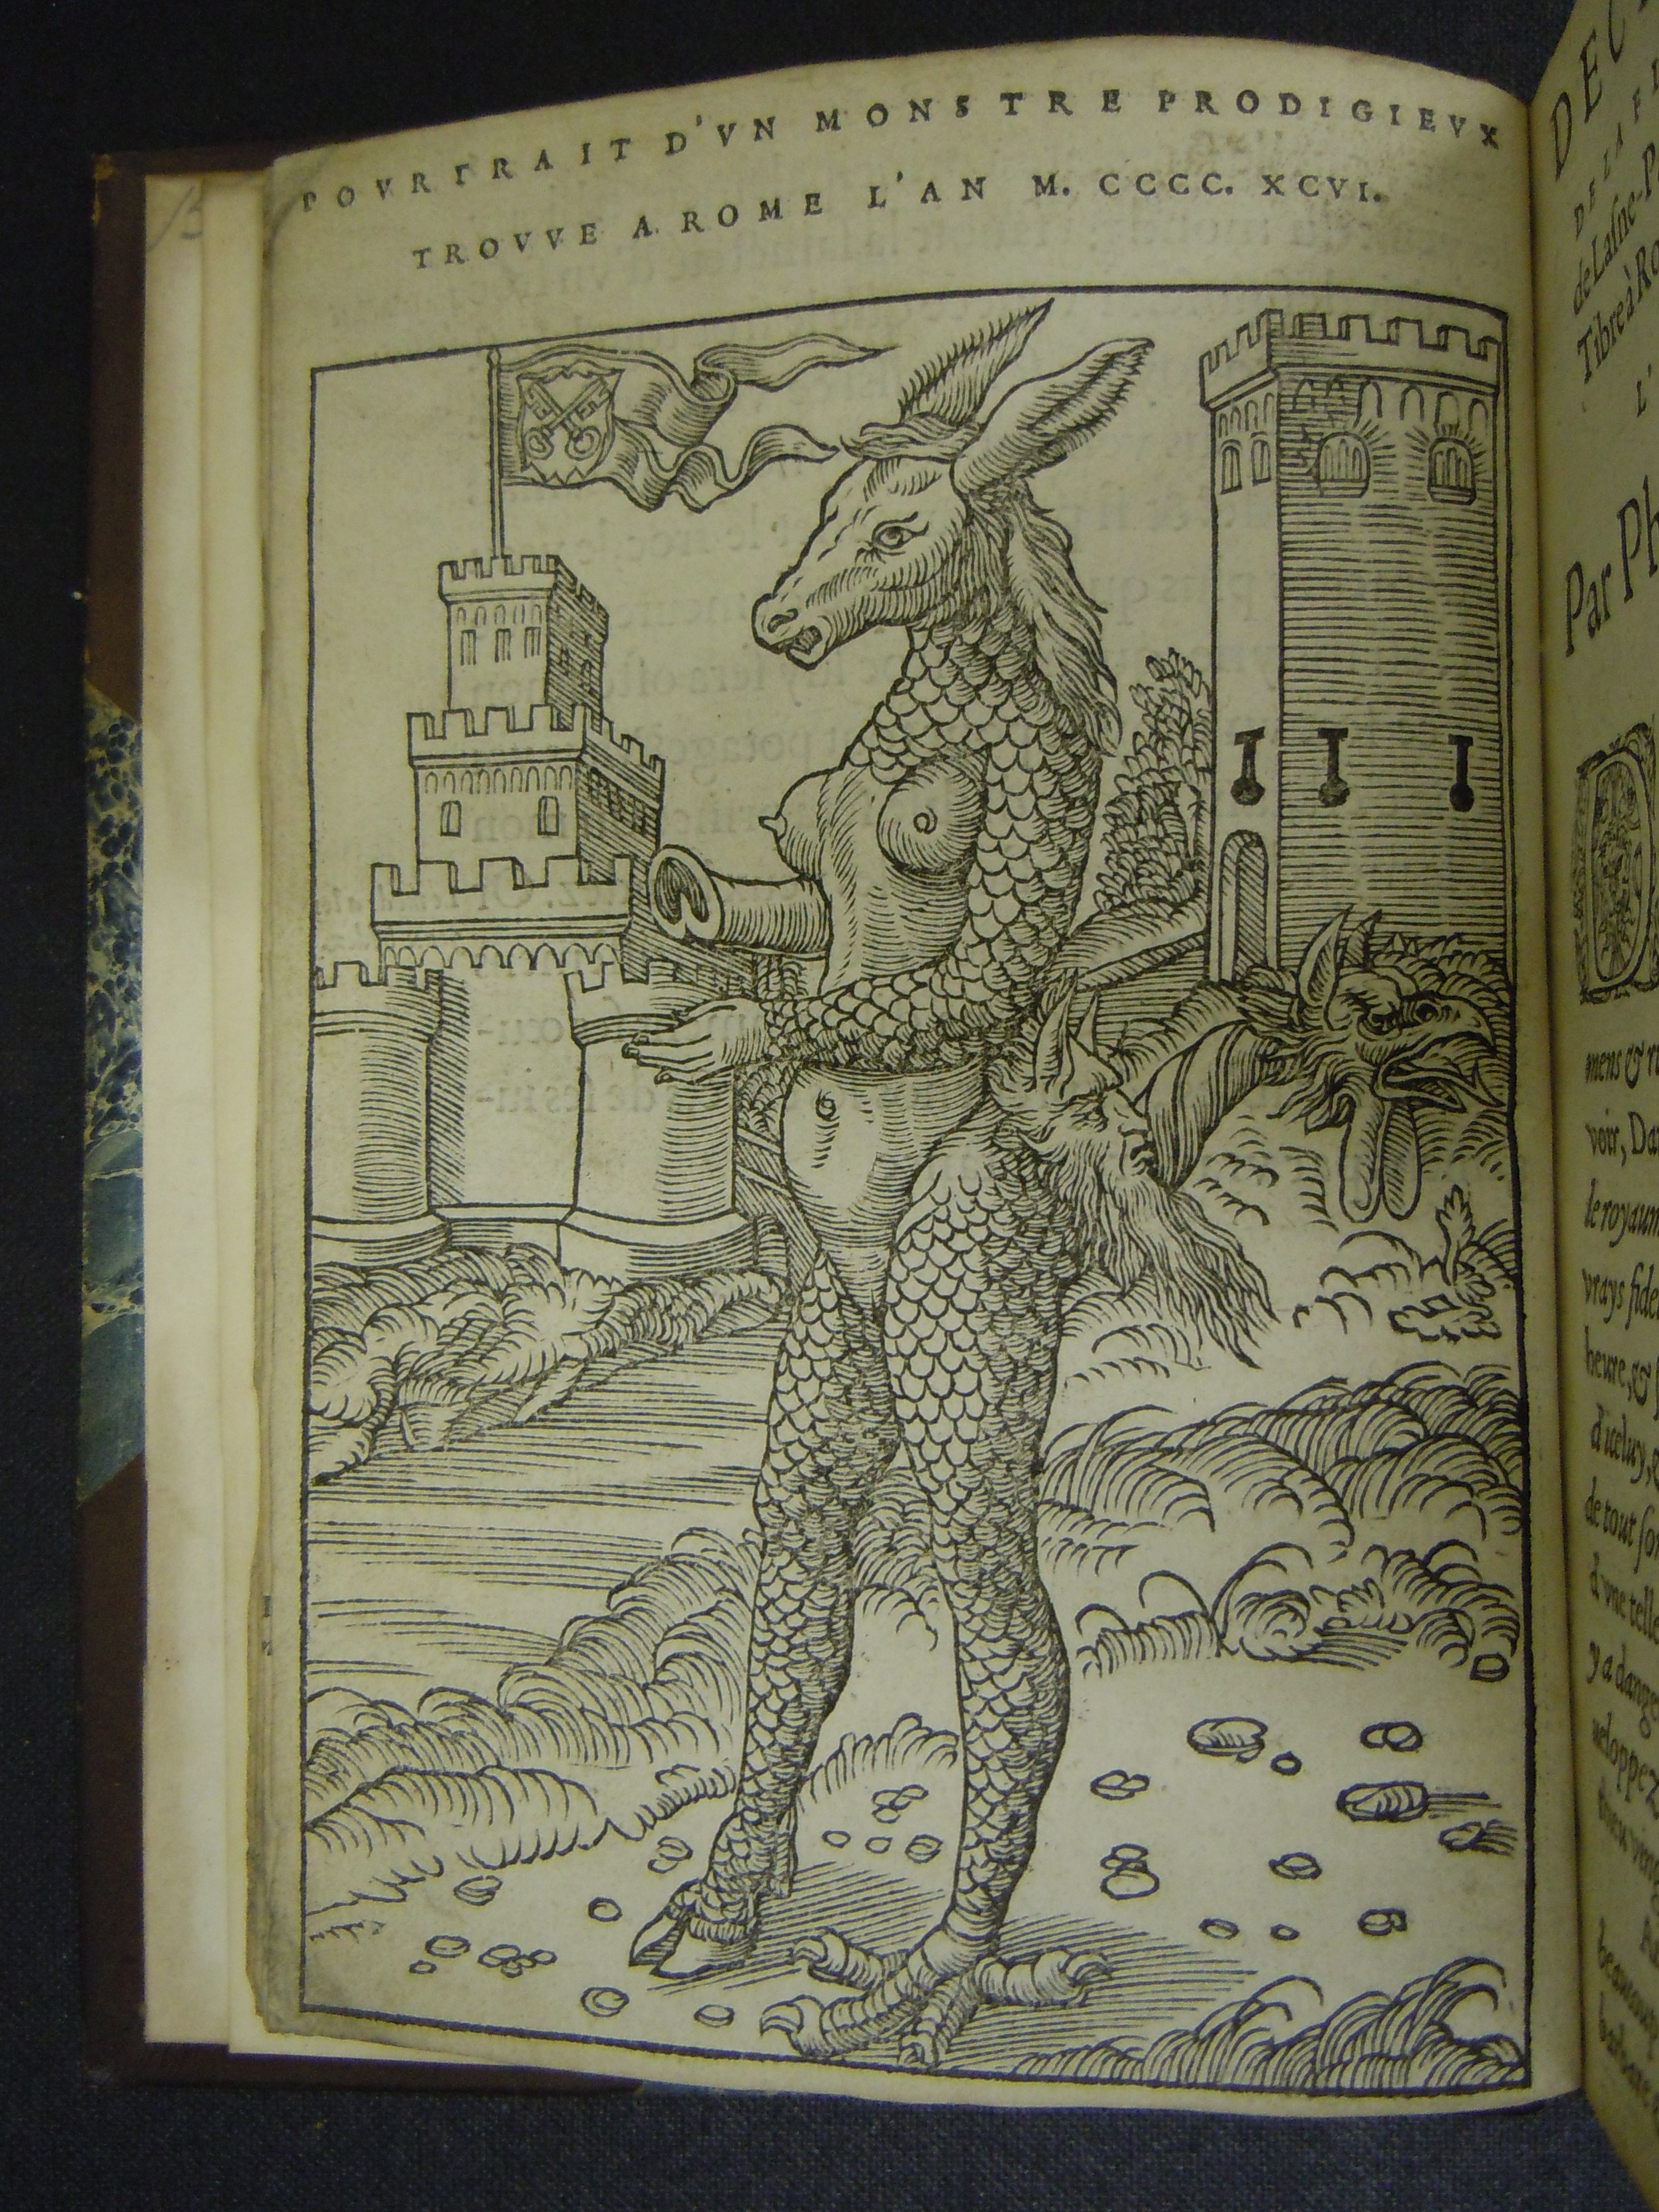 BT1.17.6, p.6, Martin Luther's De deux monstres prodigieux, 1557